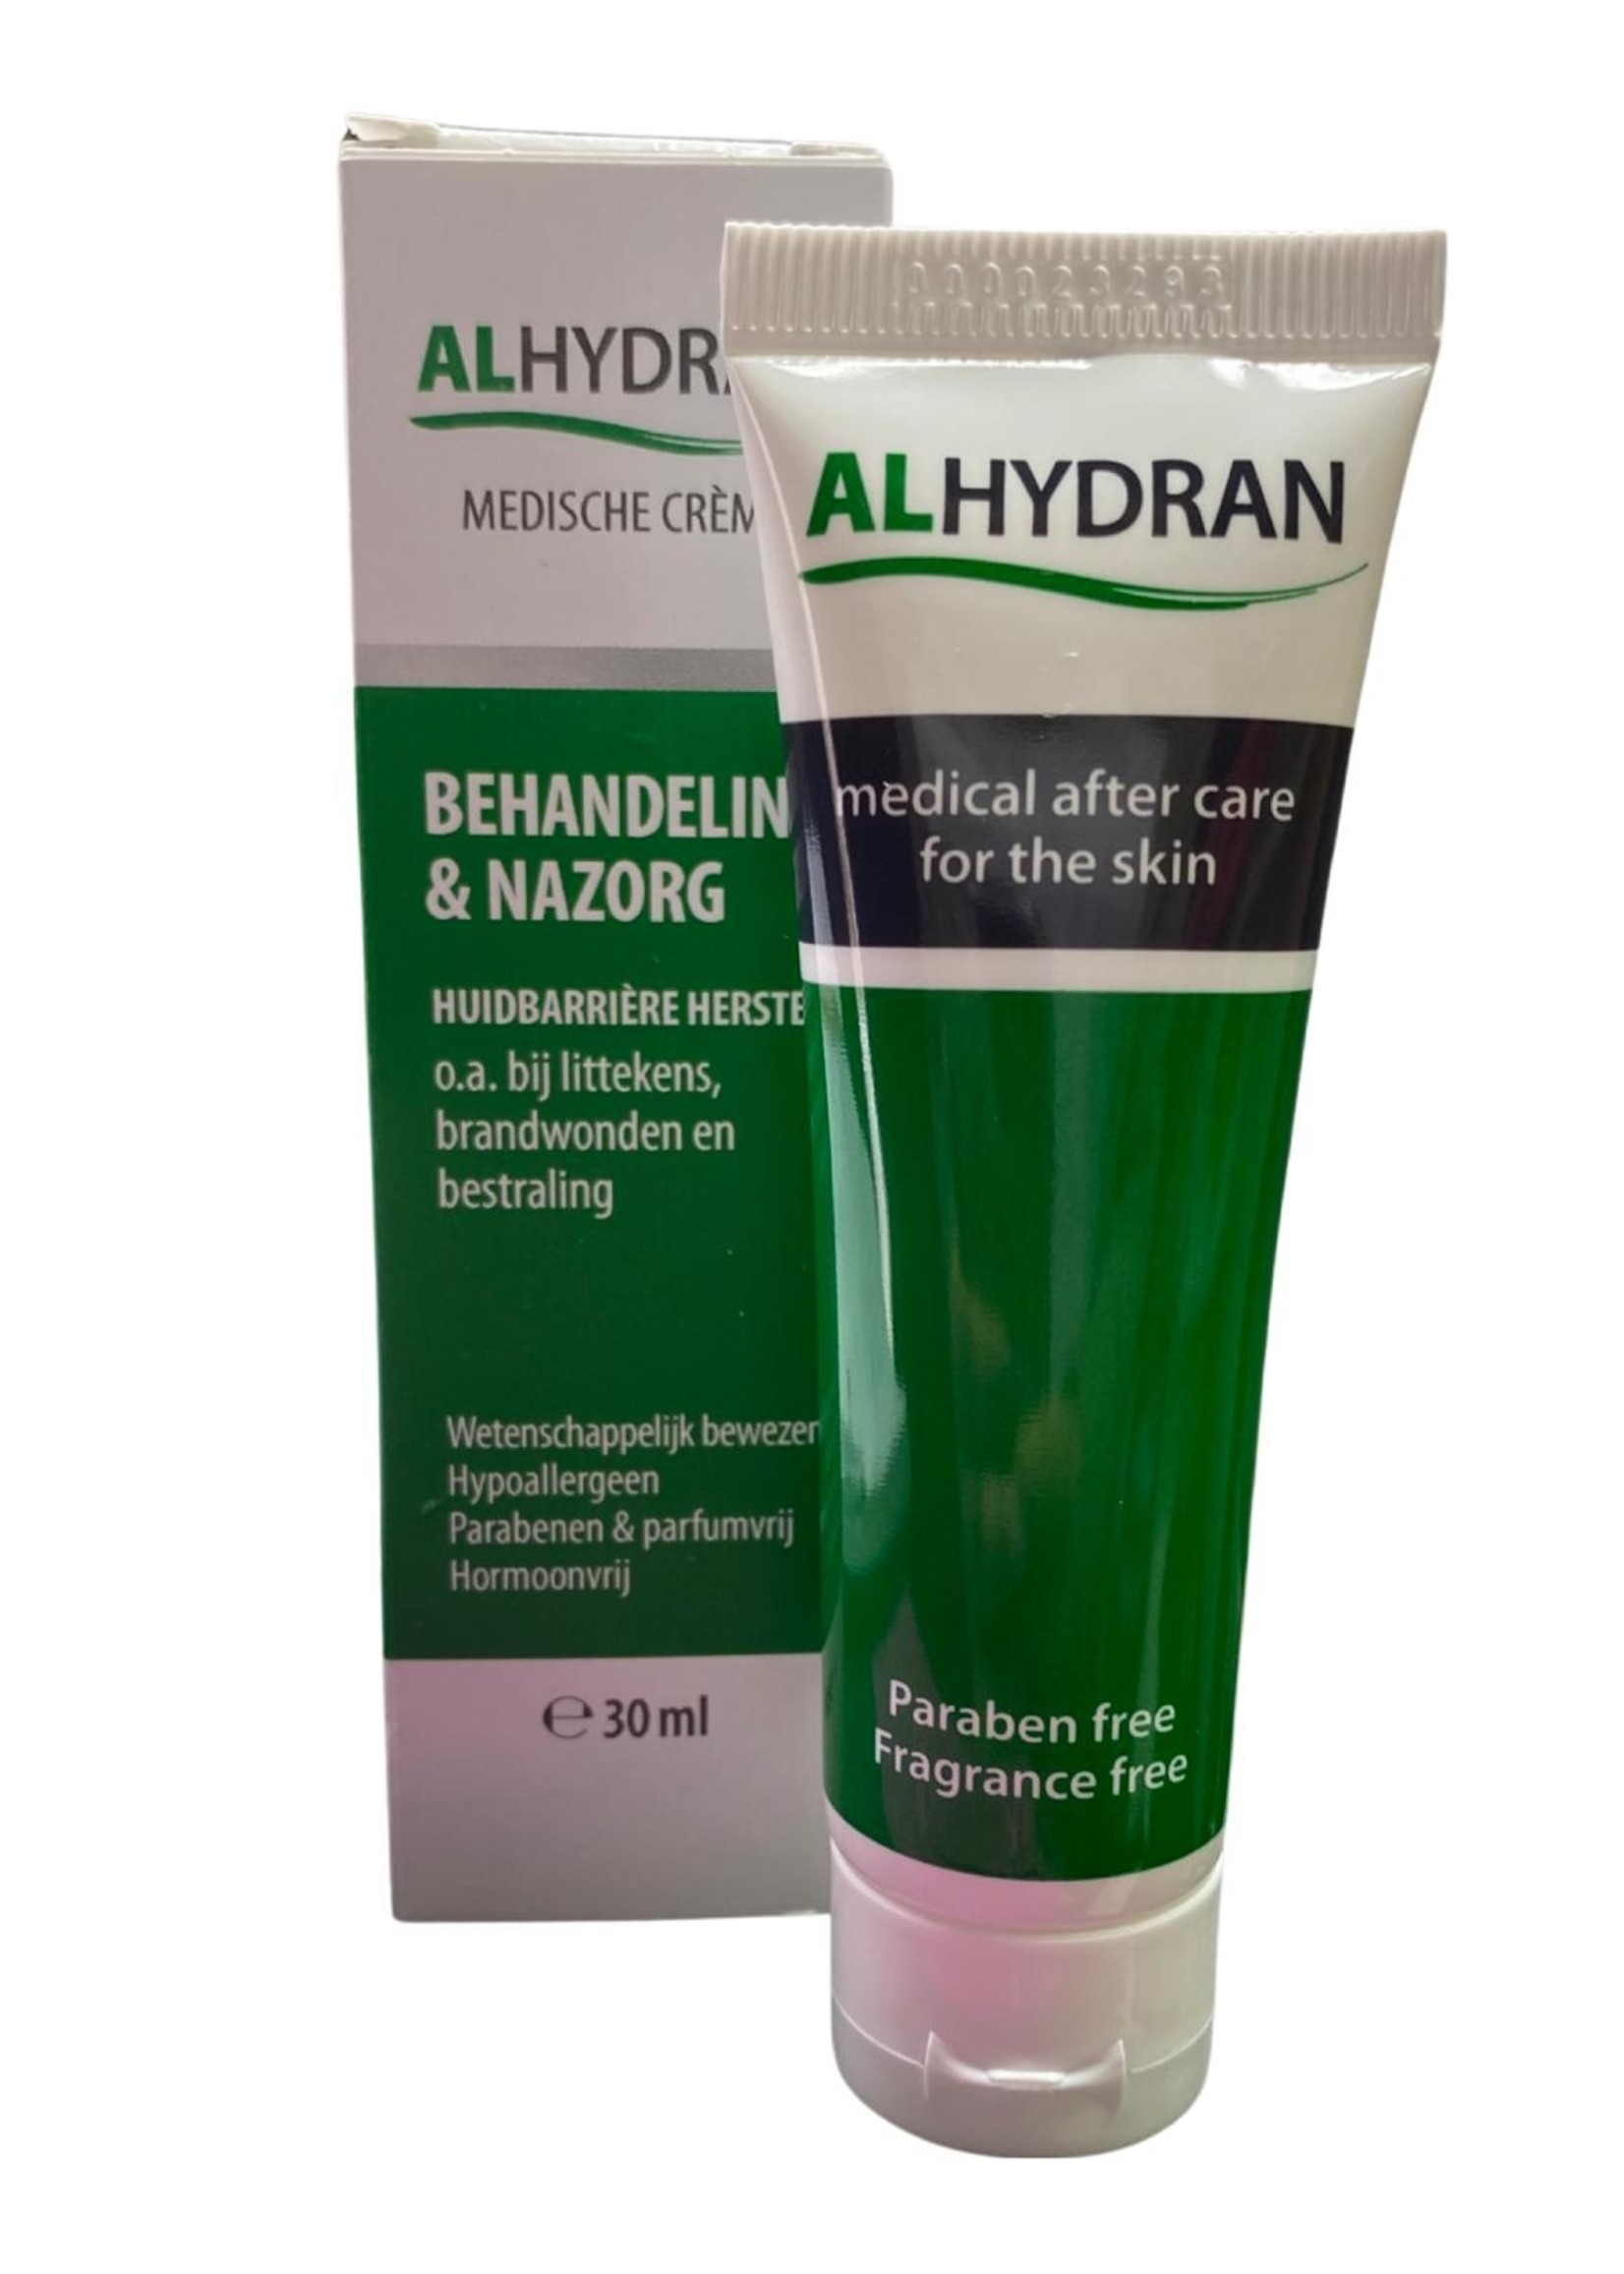 Alhydran Alhydran Creme 30 ml